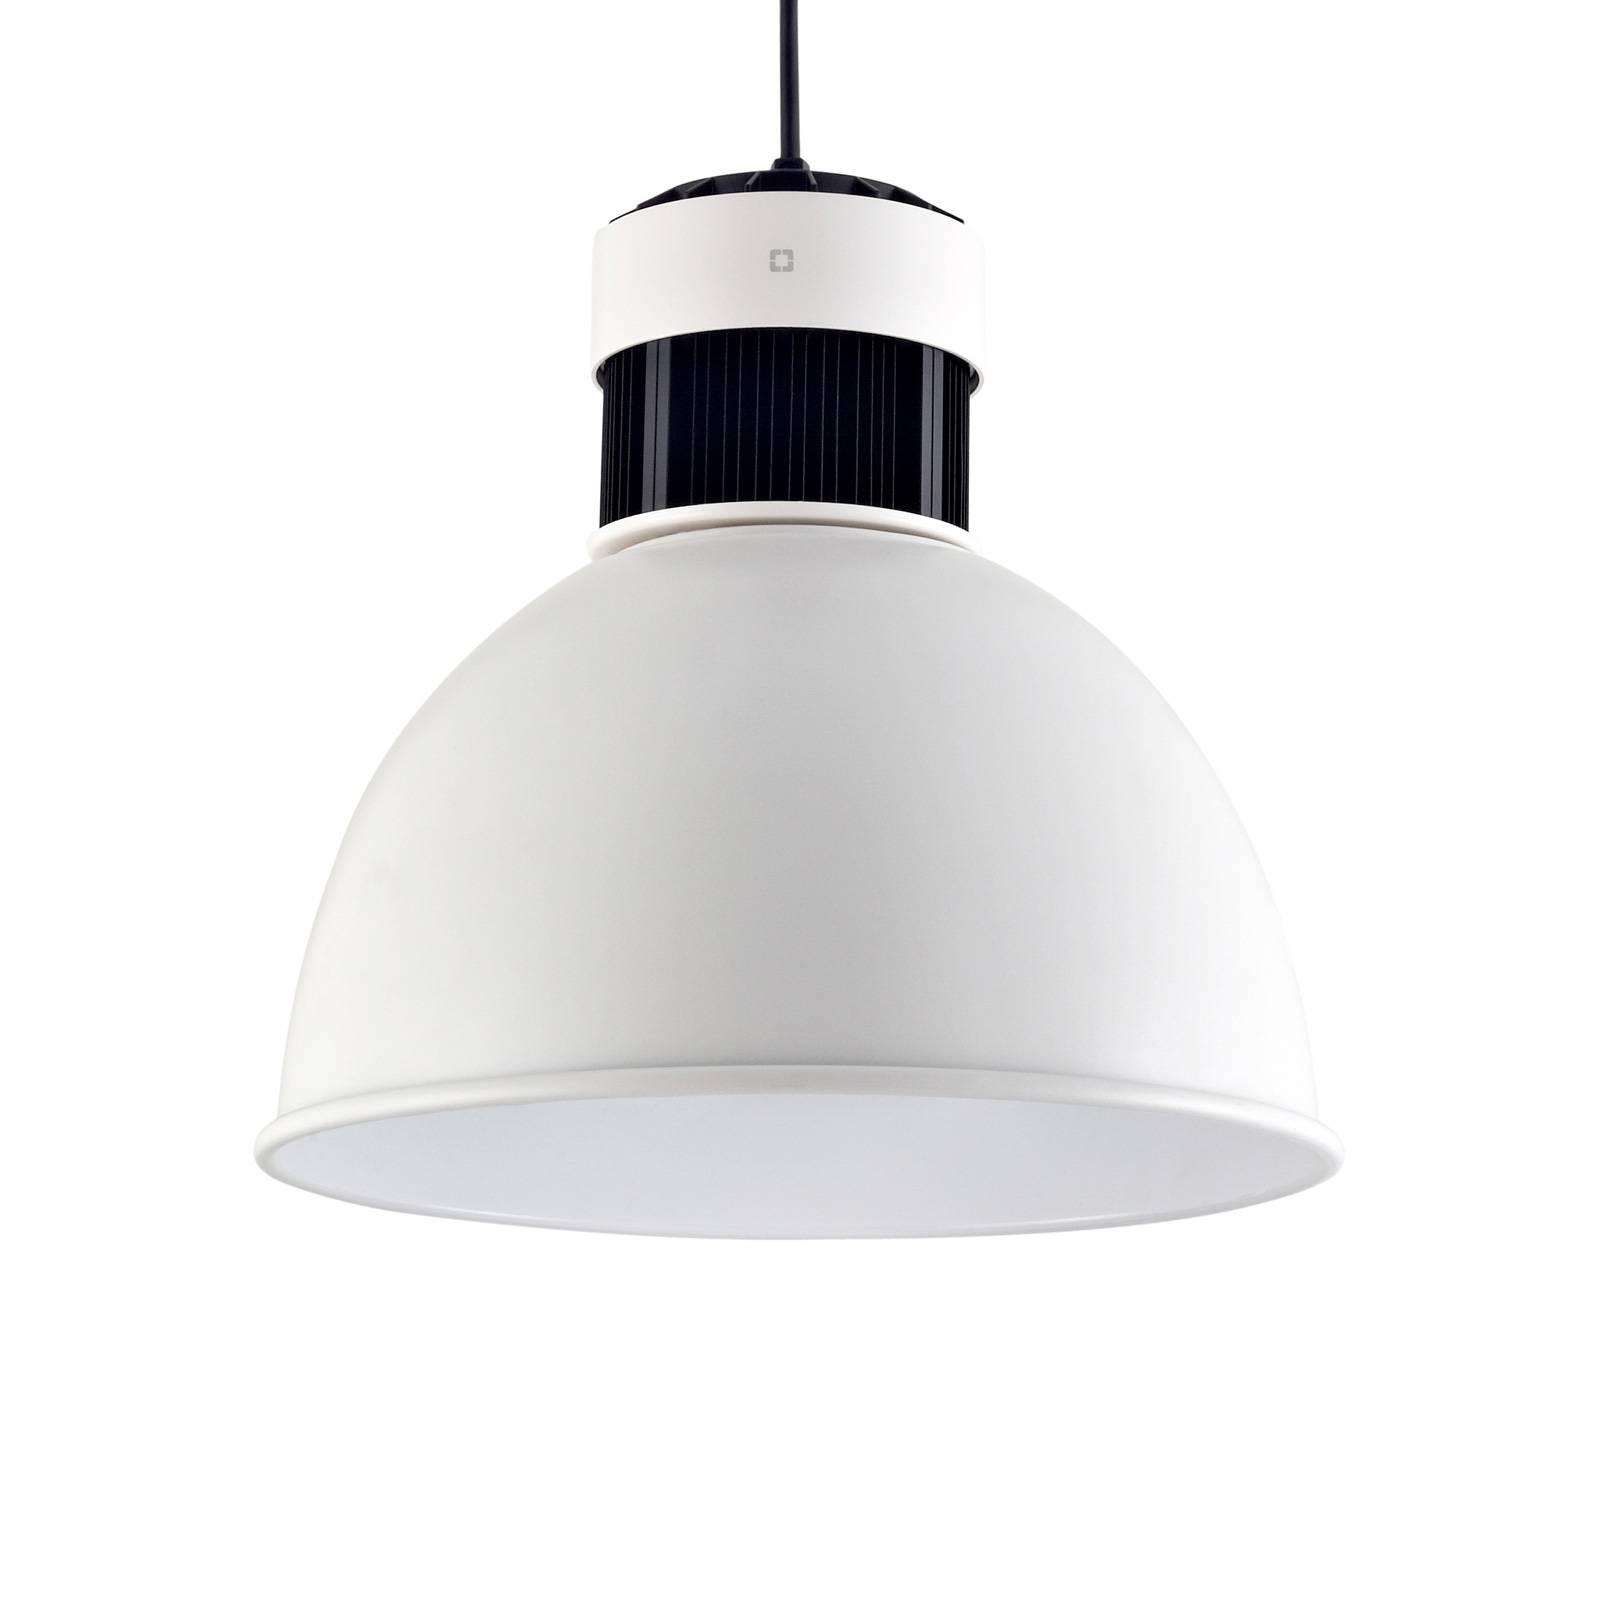 LEDS-C4 Pek LED-Hängeleuchte